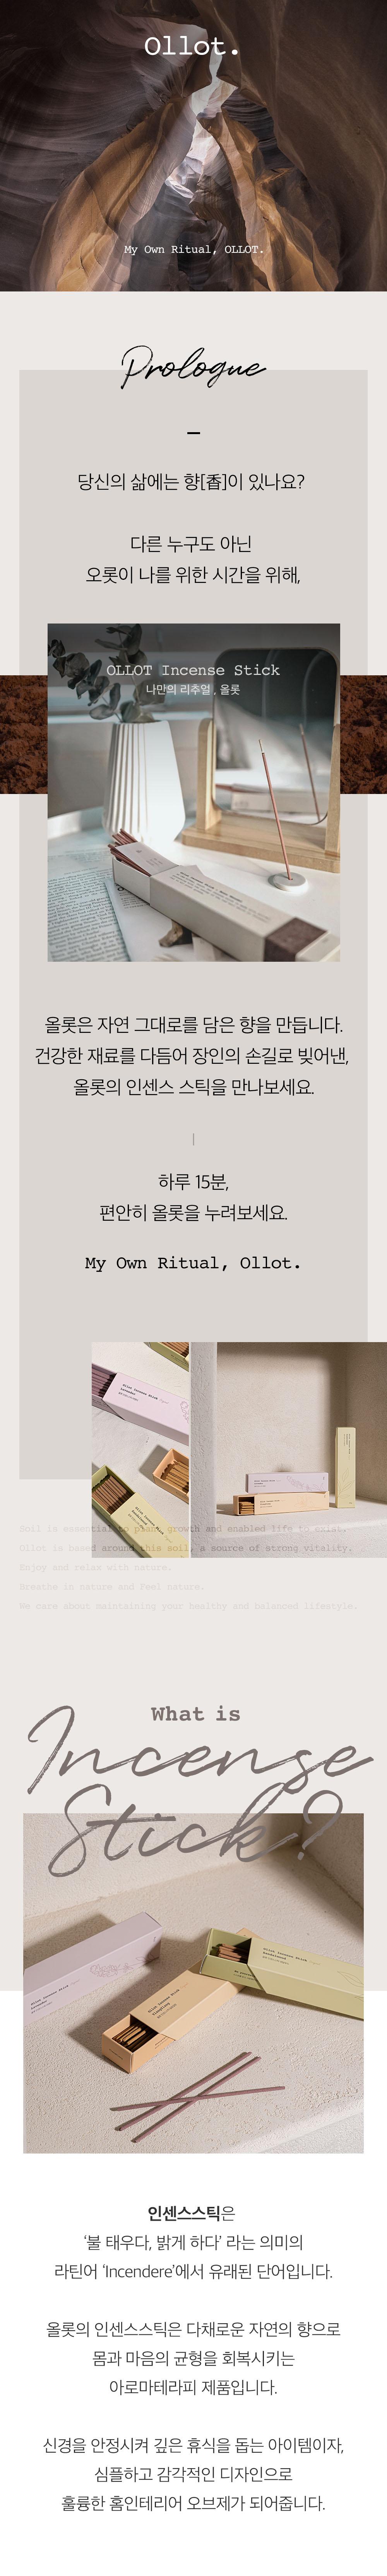 올롯(OLLOT) 인센스 스틱 일랑일랑향 30g  1팩 (약87개입)